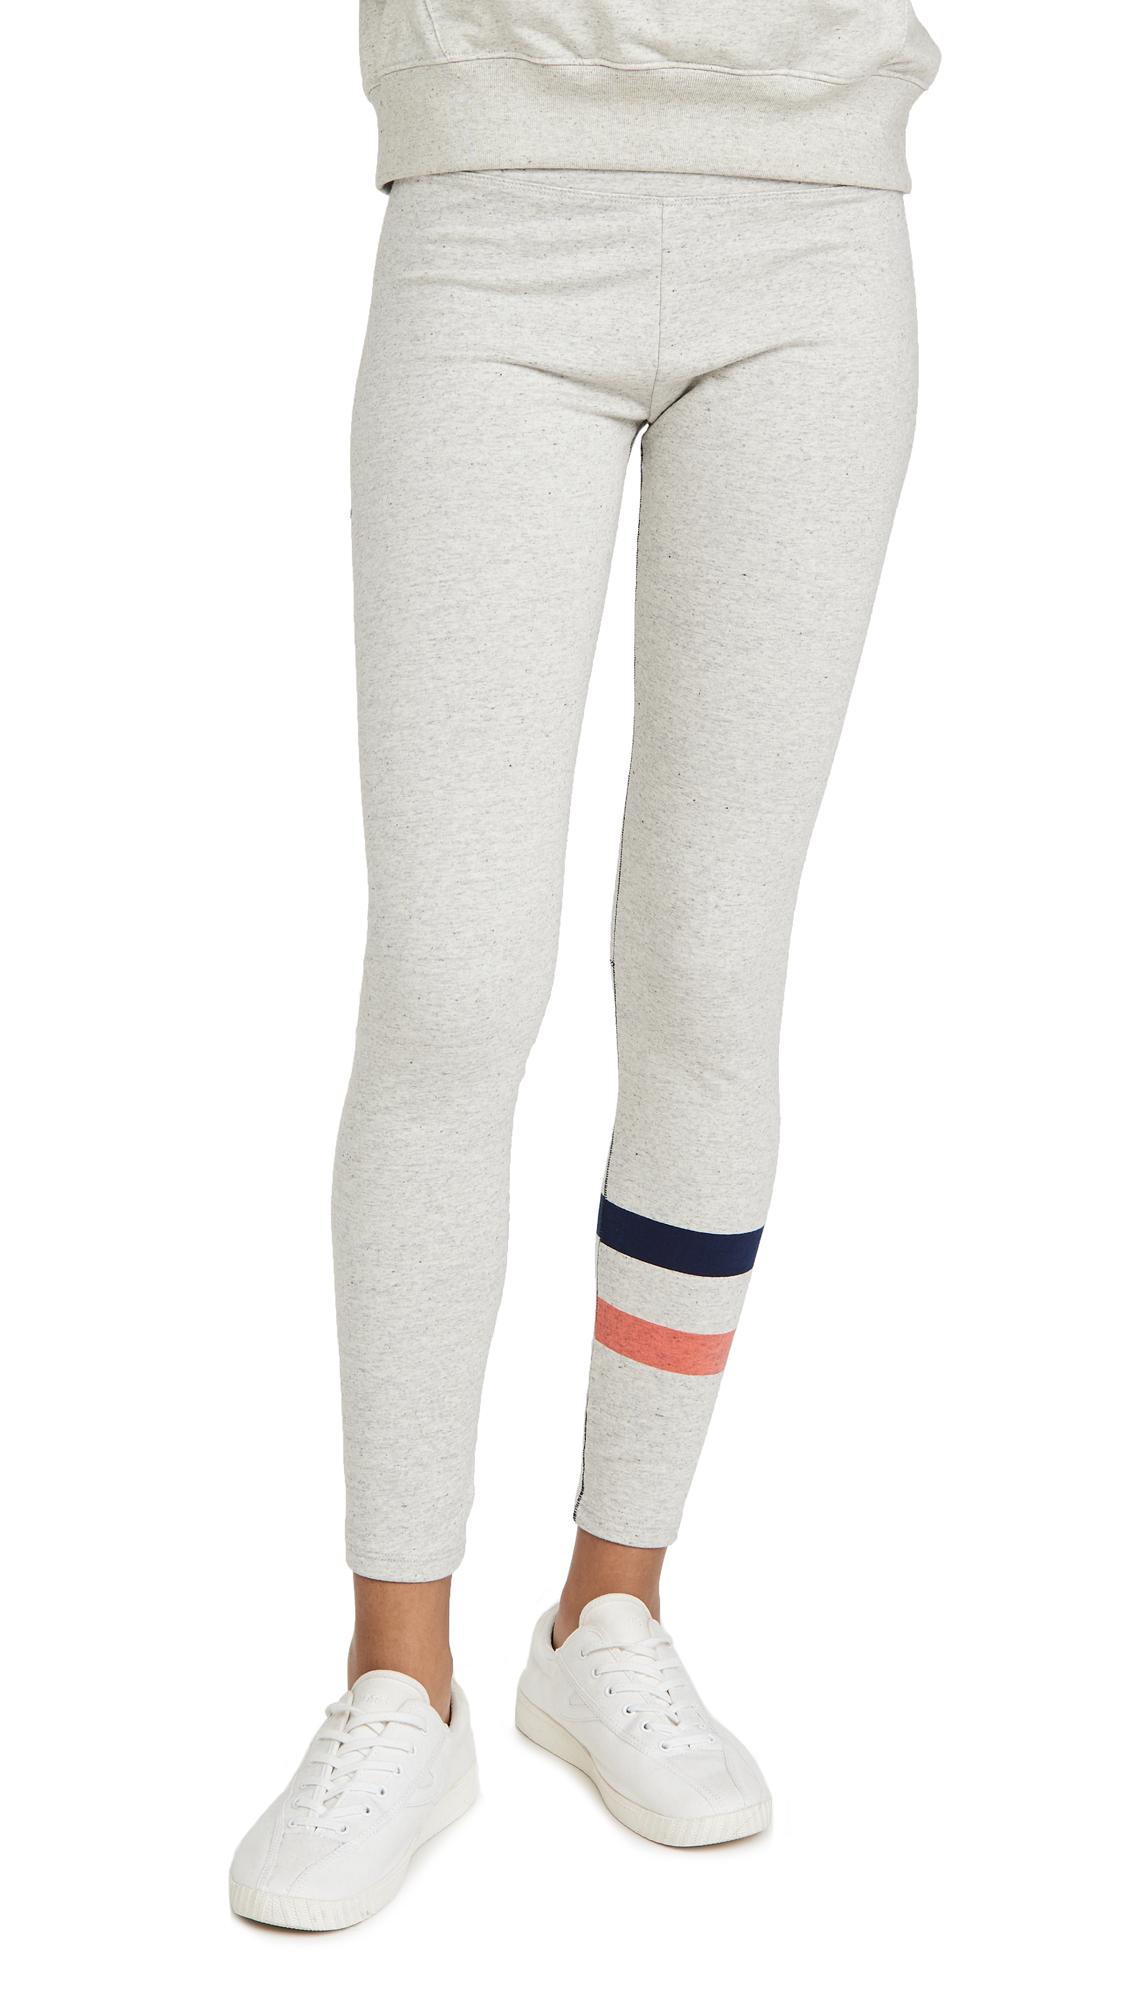 Buy SUNDRY online - photo of SUNDRY Yoga Pants